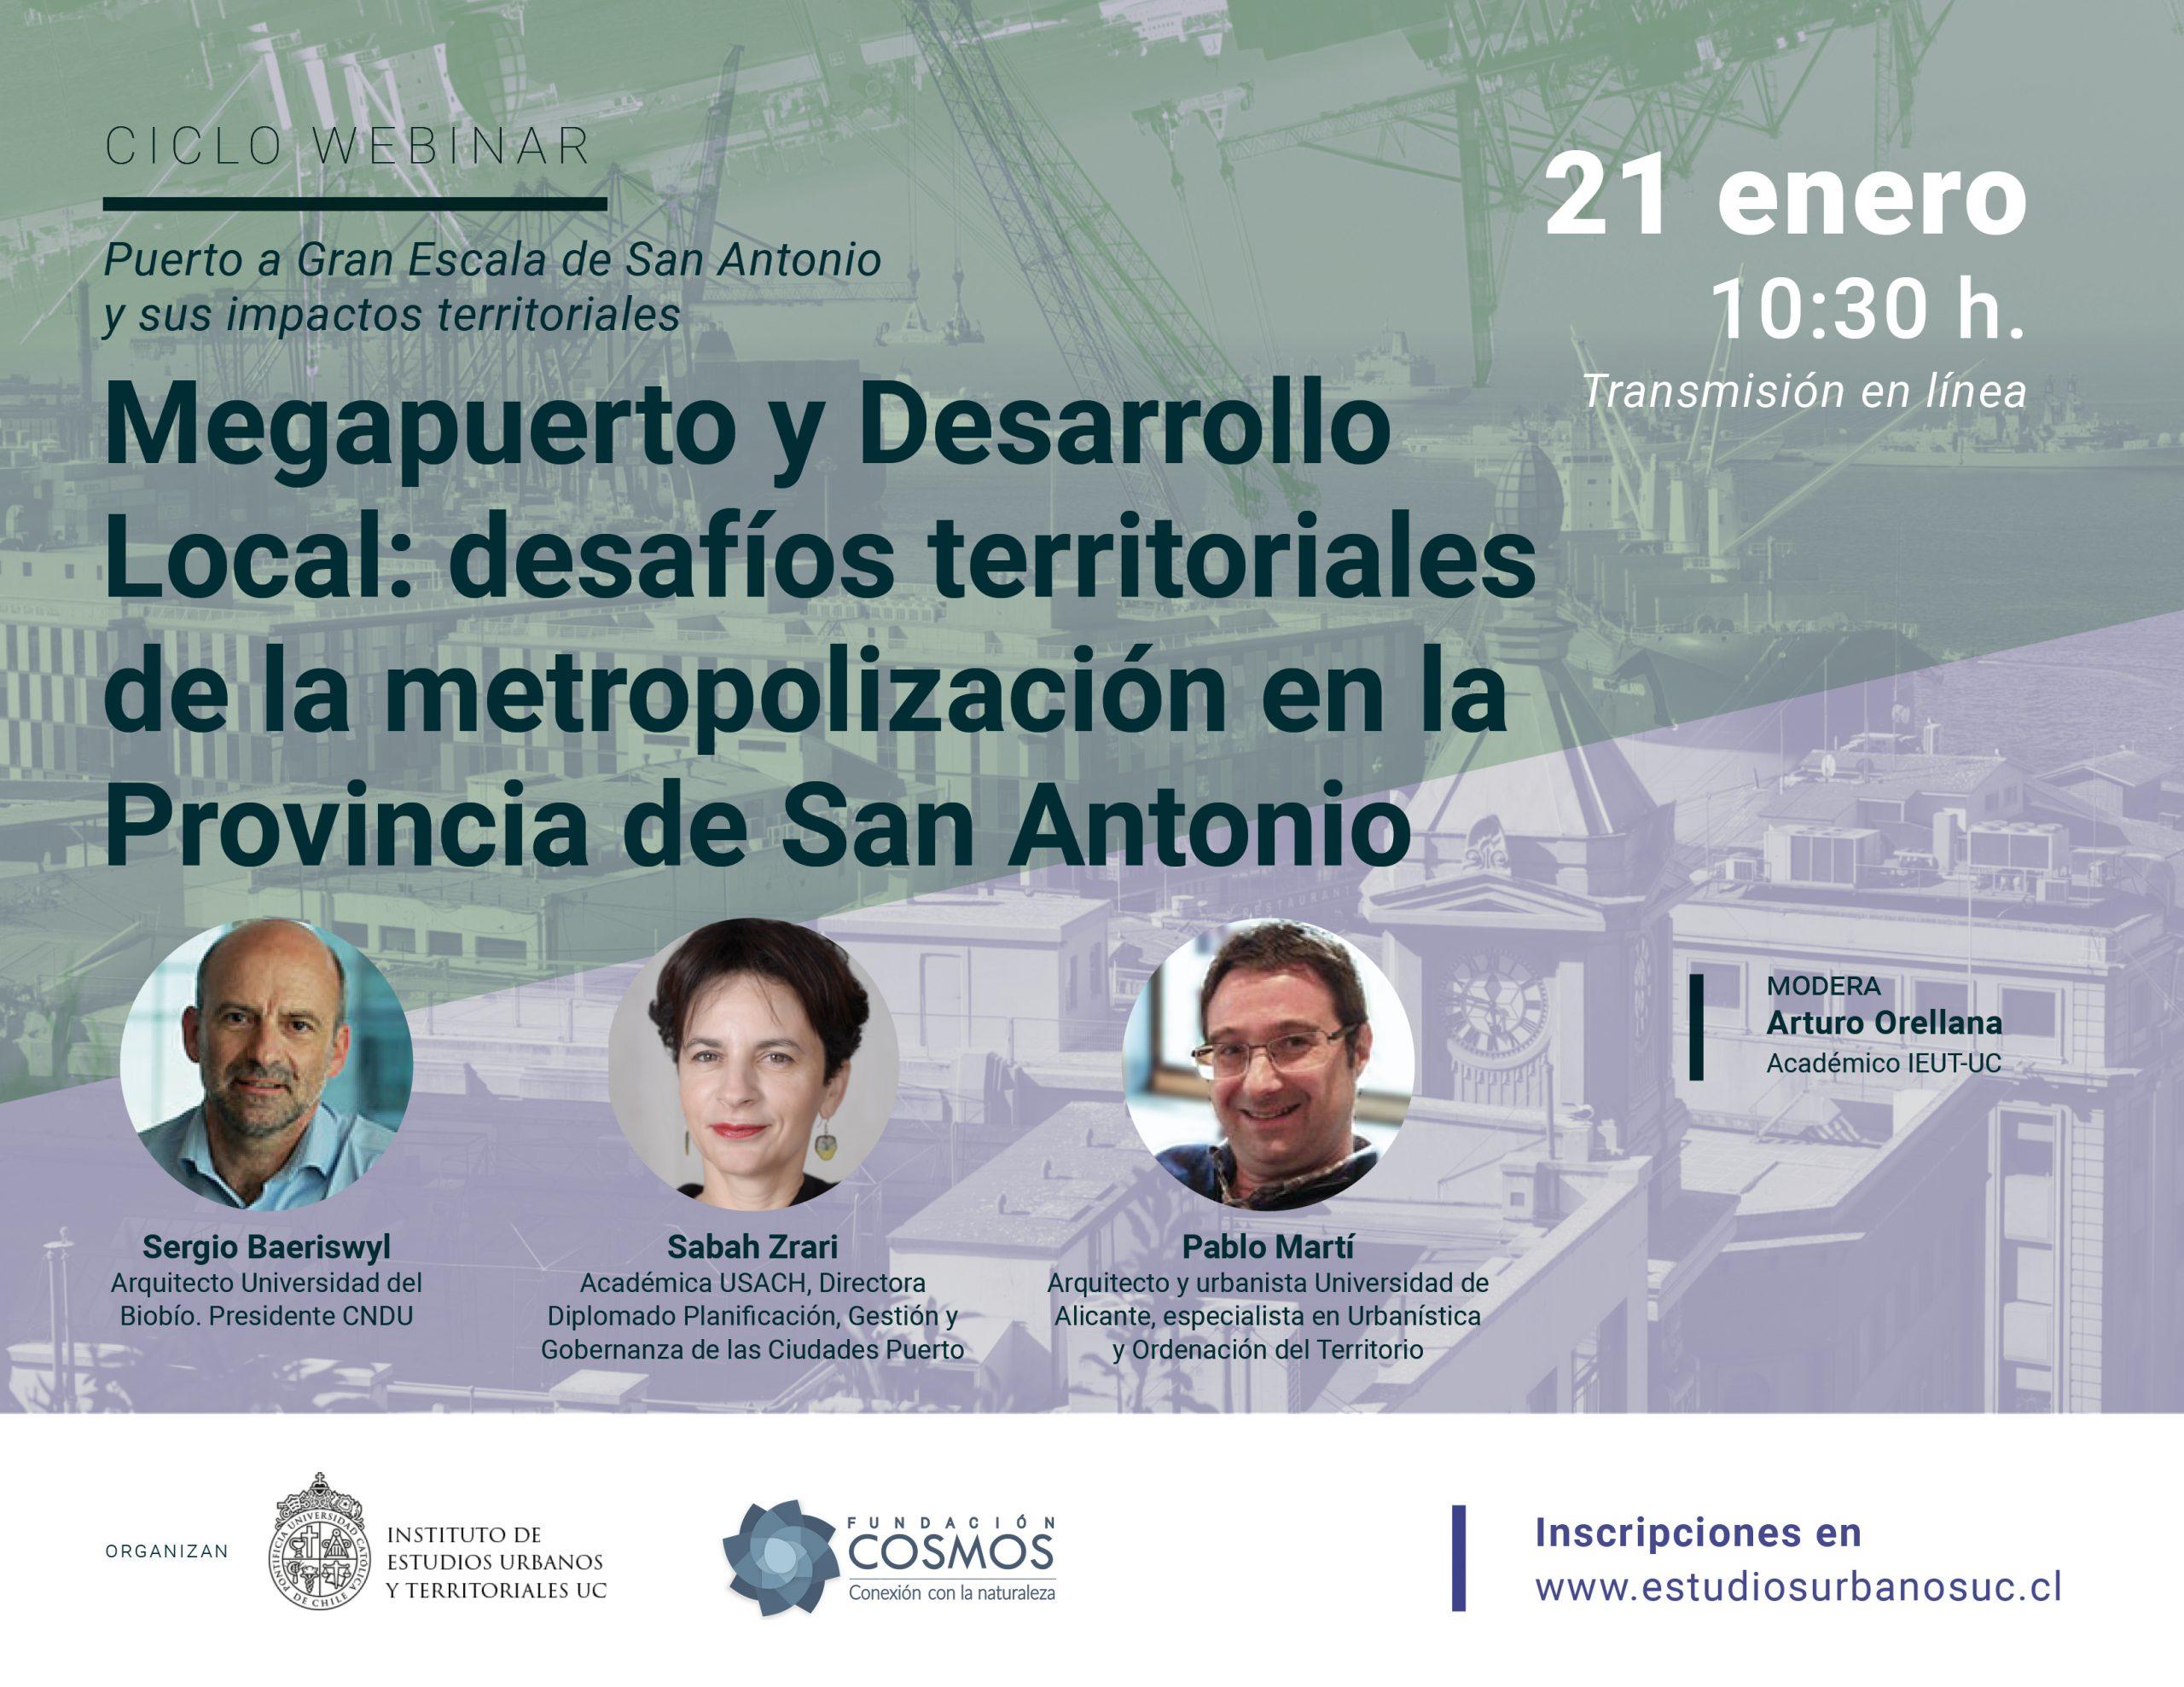 Megapuerto y Desarrollo Local: desafíos territoriales de la metropolización en la Provincia de San Antonio | 21 enero 10:30 h.